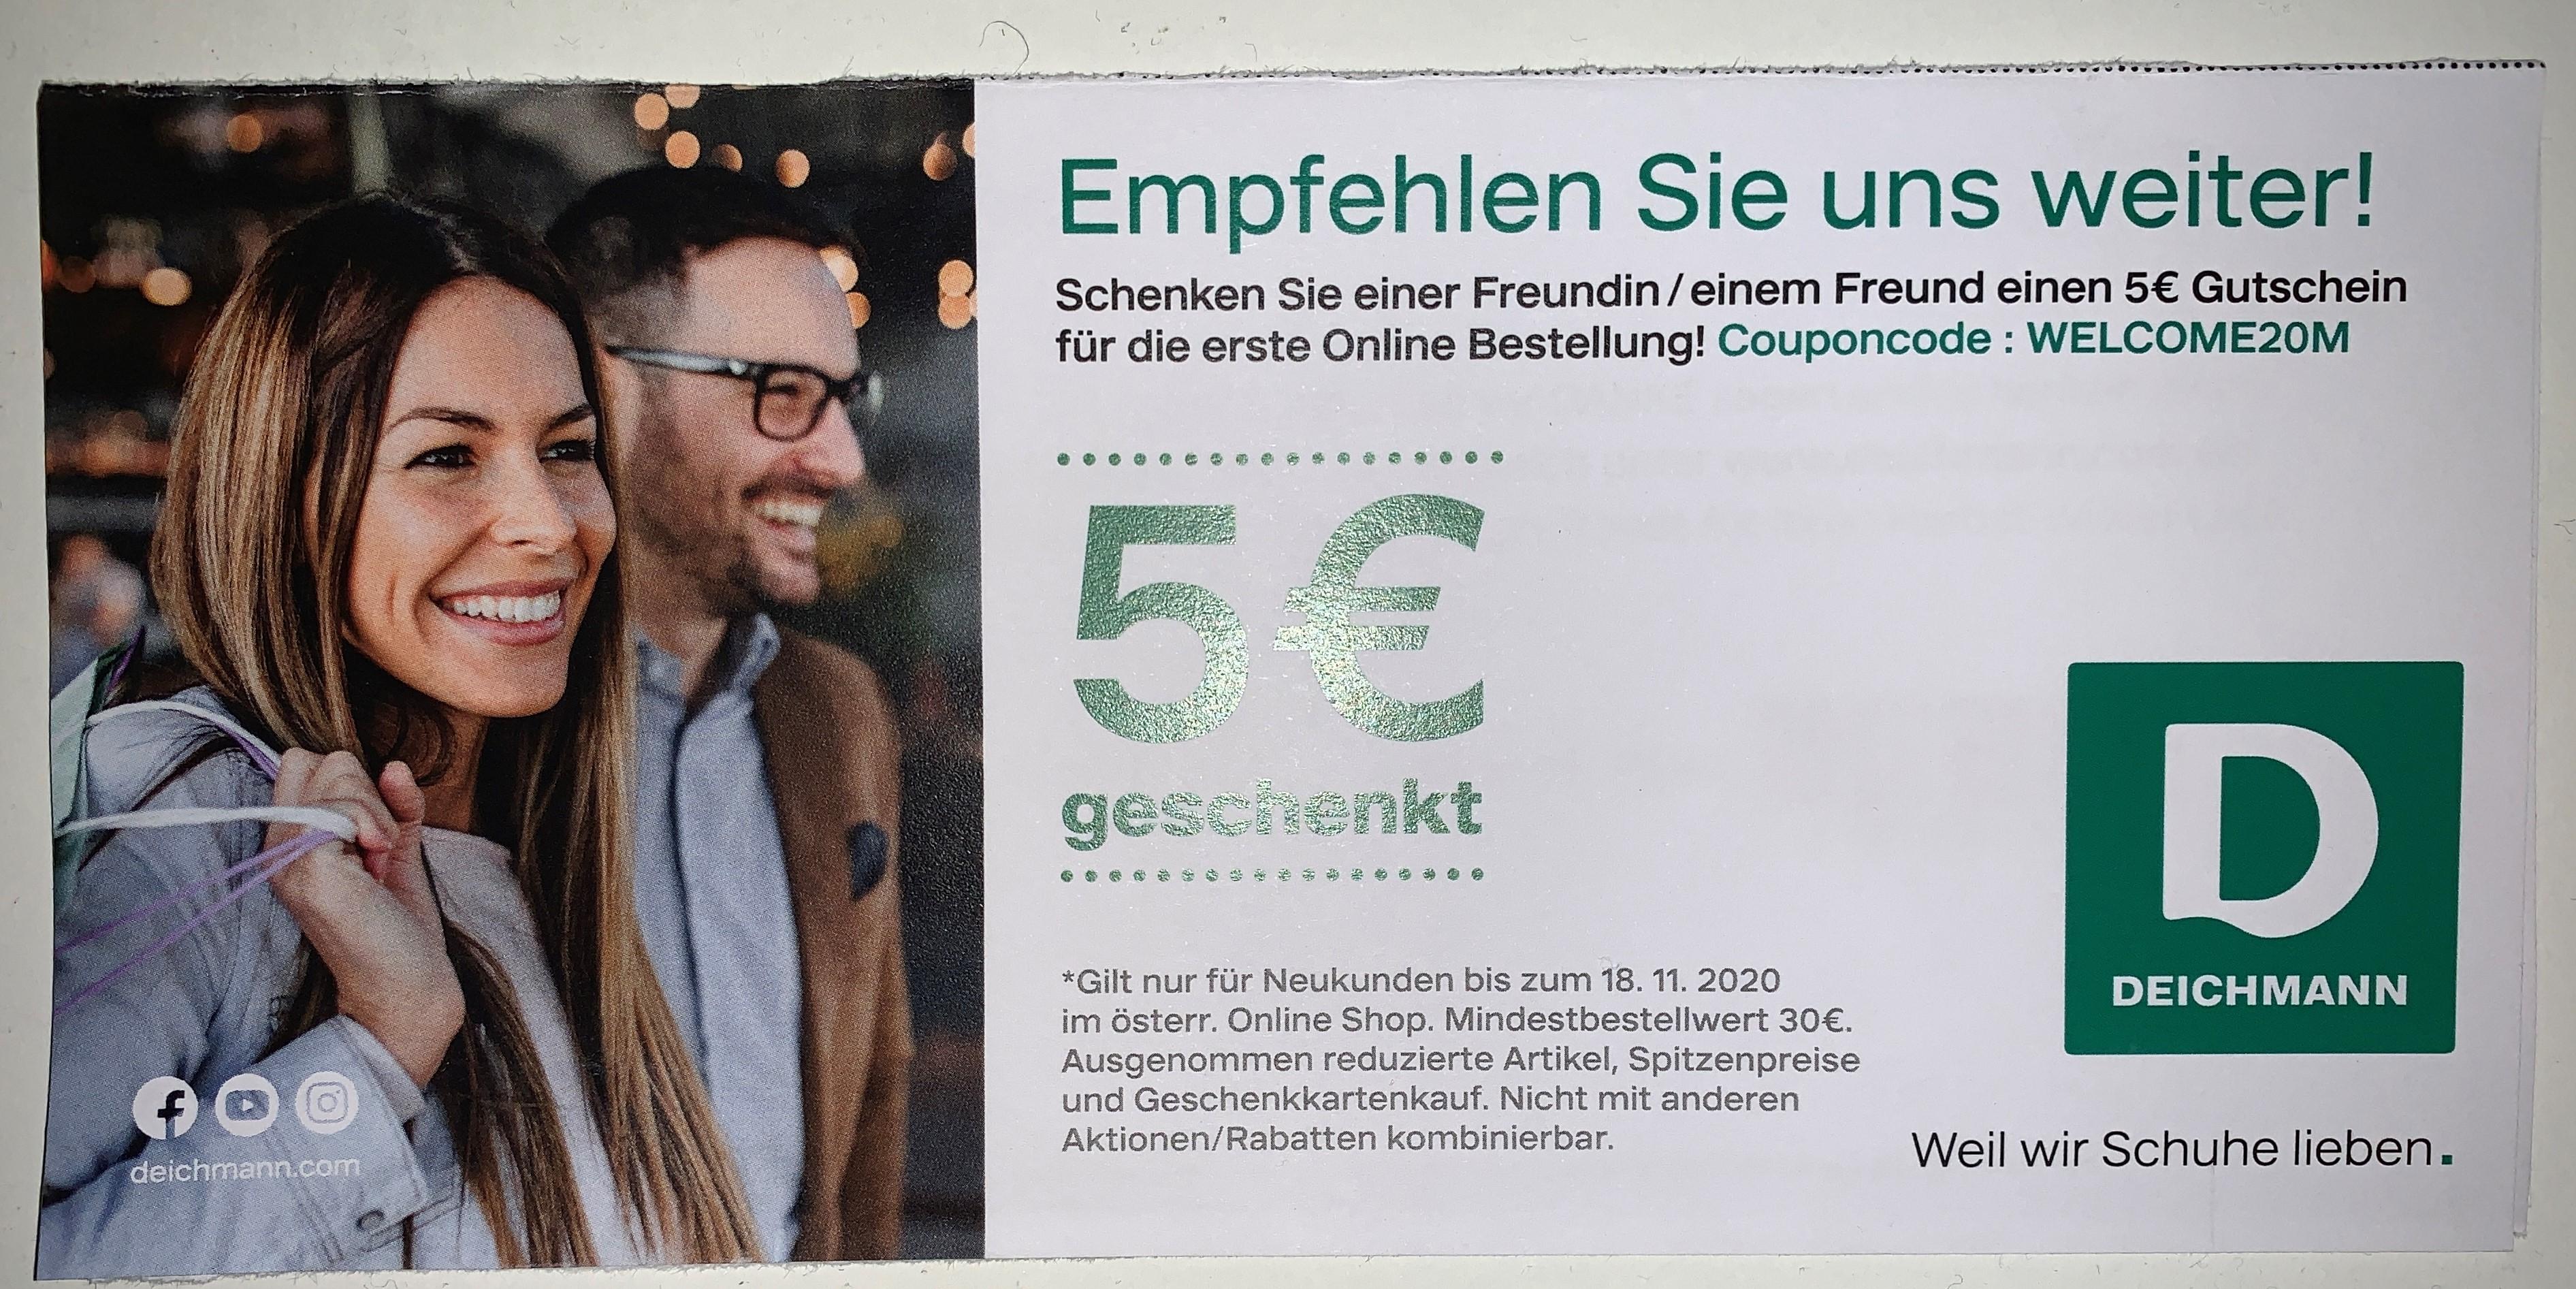 5€ für Neukundn bei Deichmann